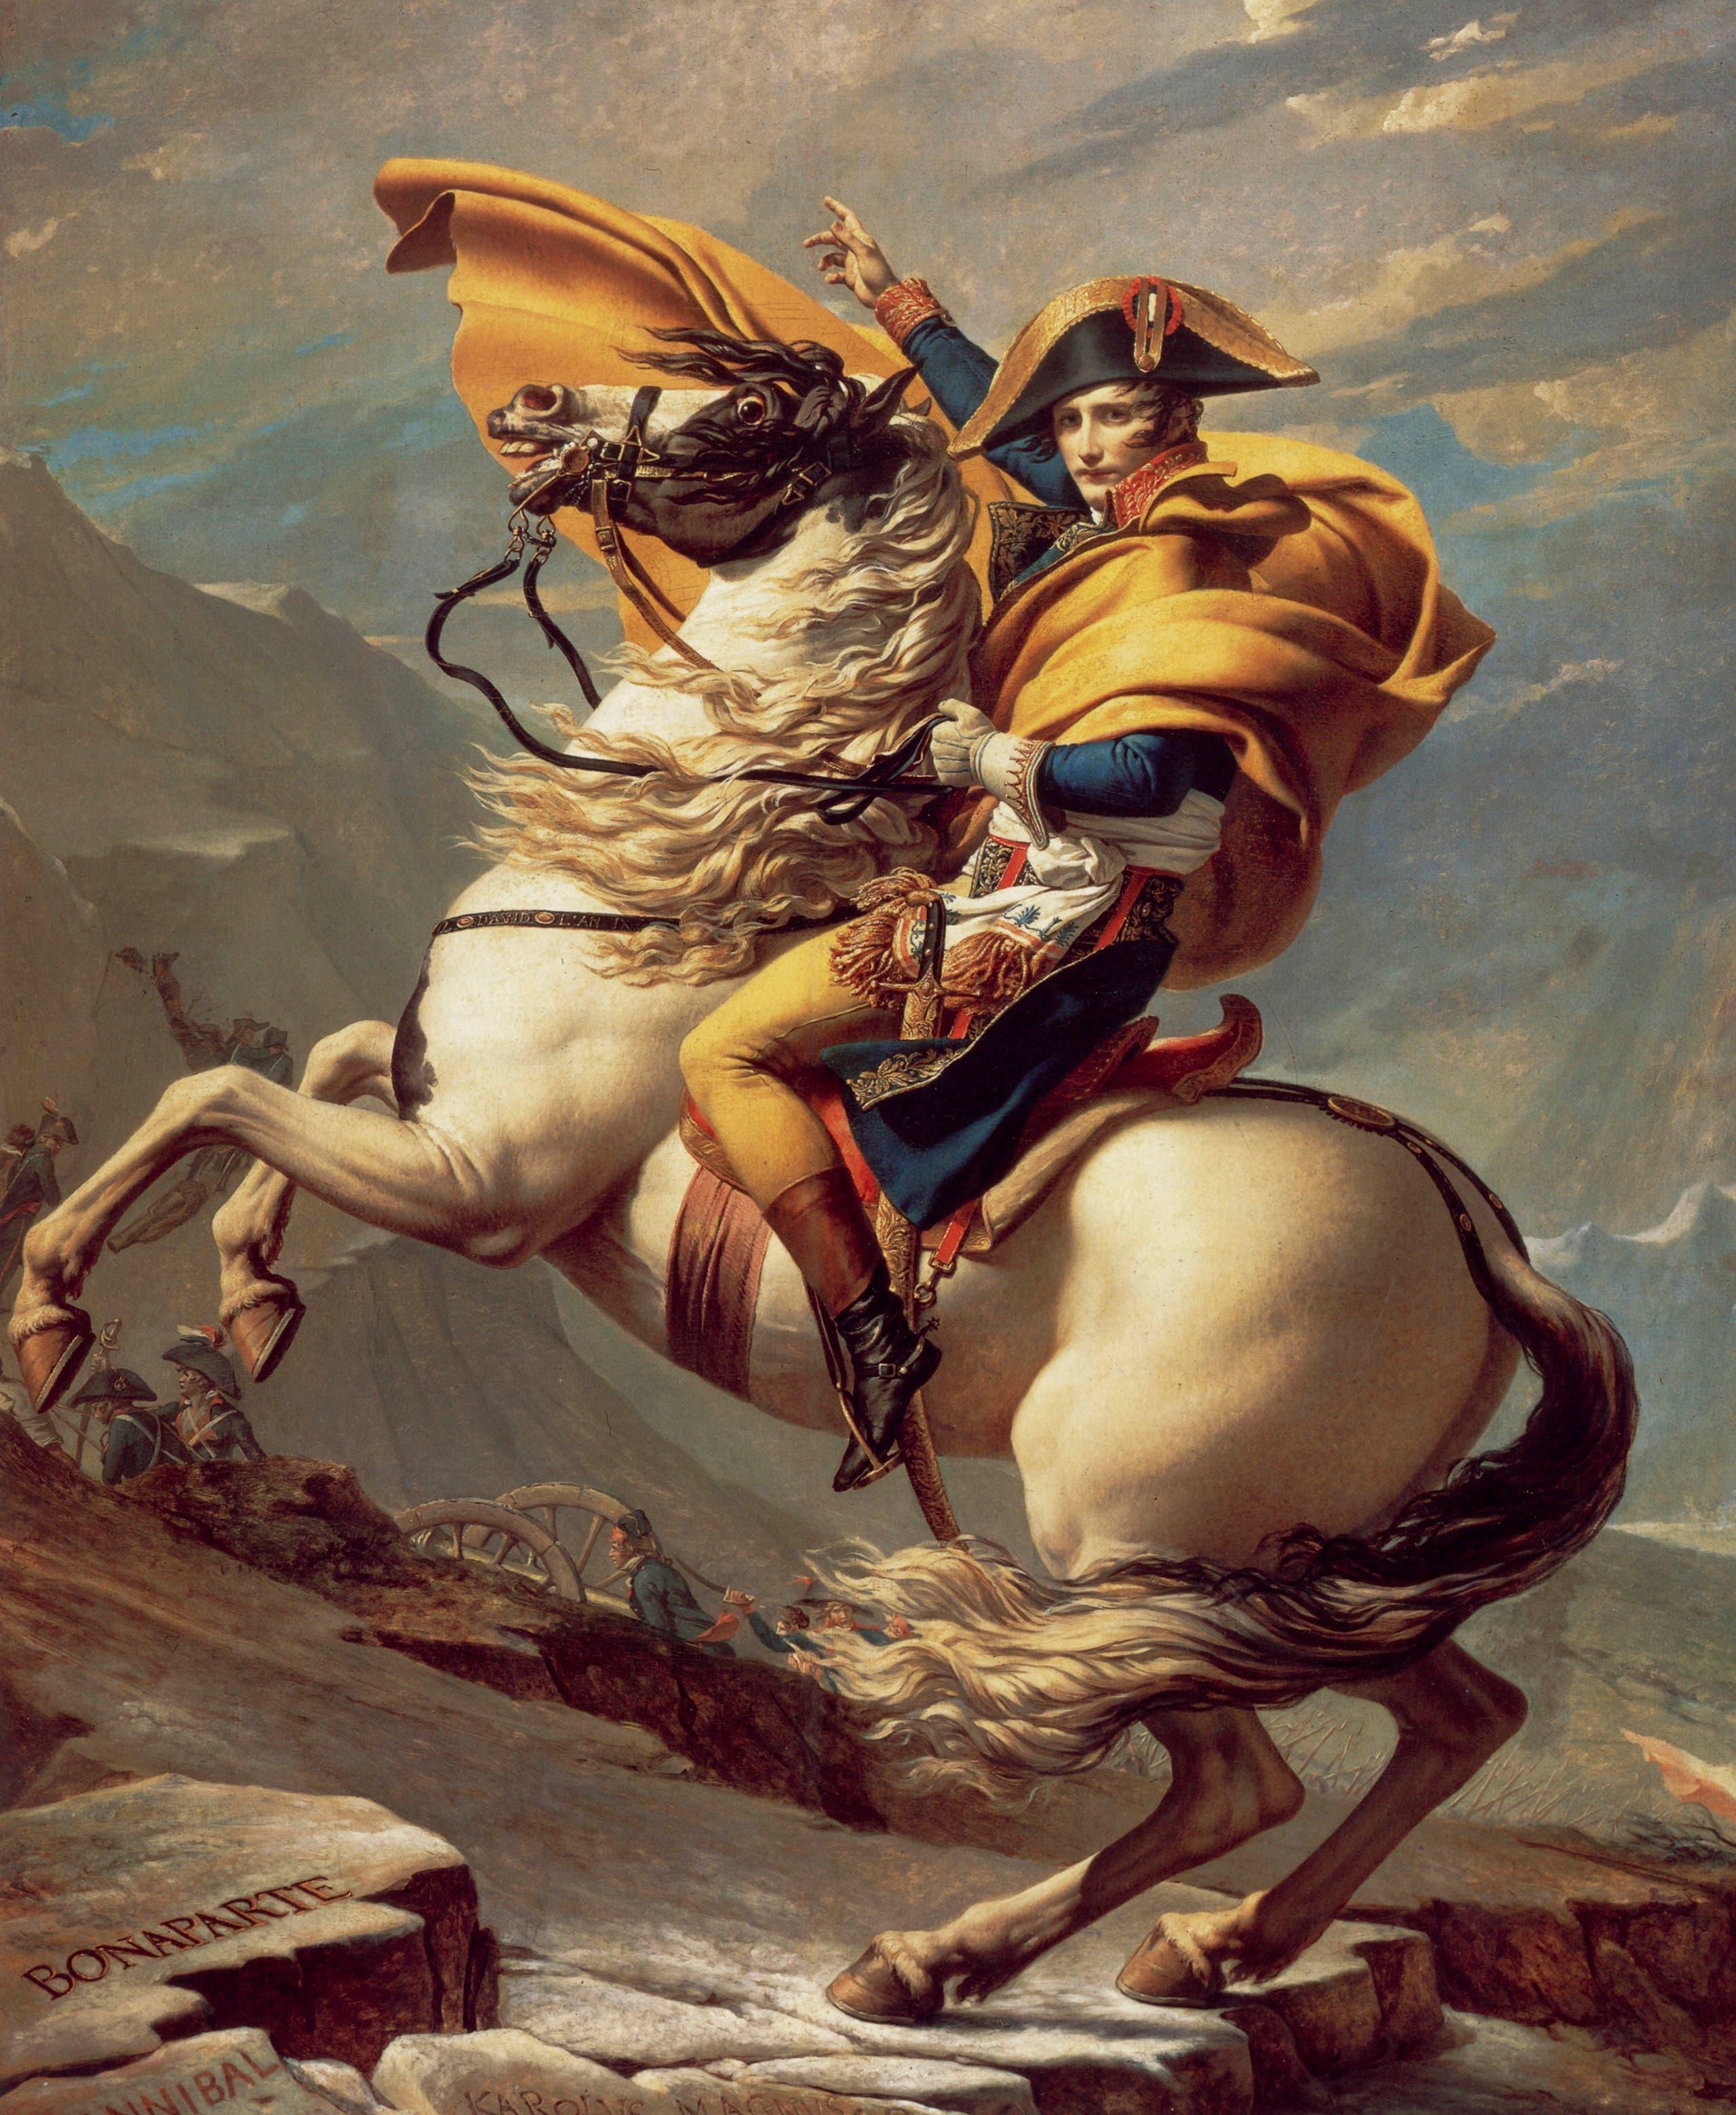 لوحة تجسد نابليون بونابرت في أوج شبابه ونجاحاته العسكرية